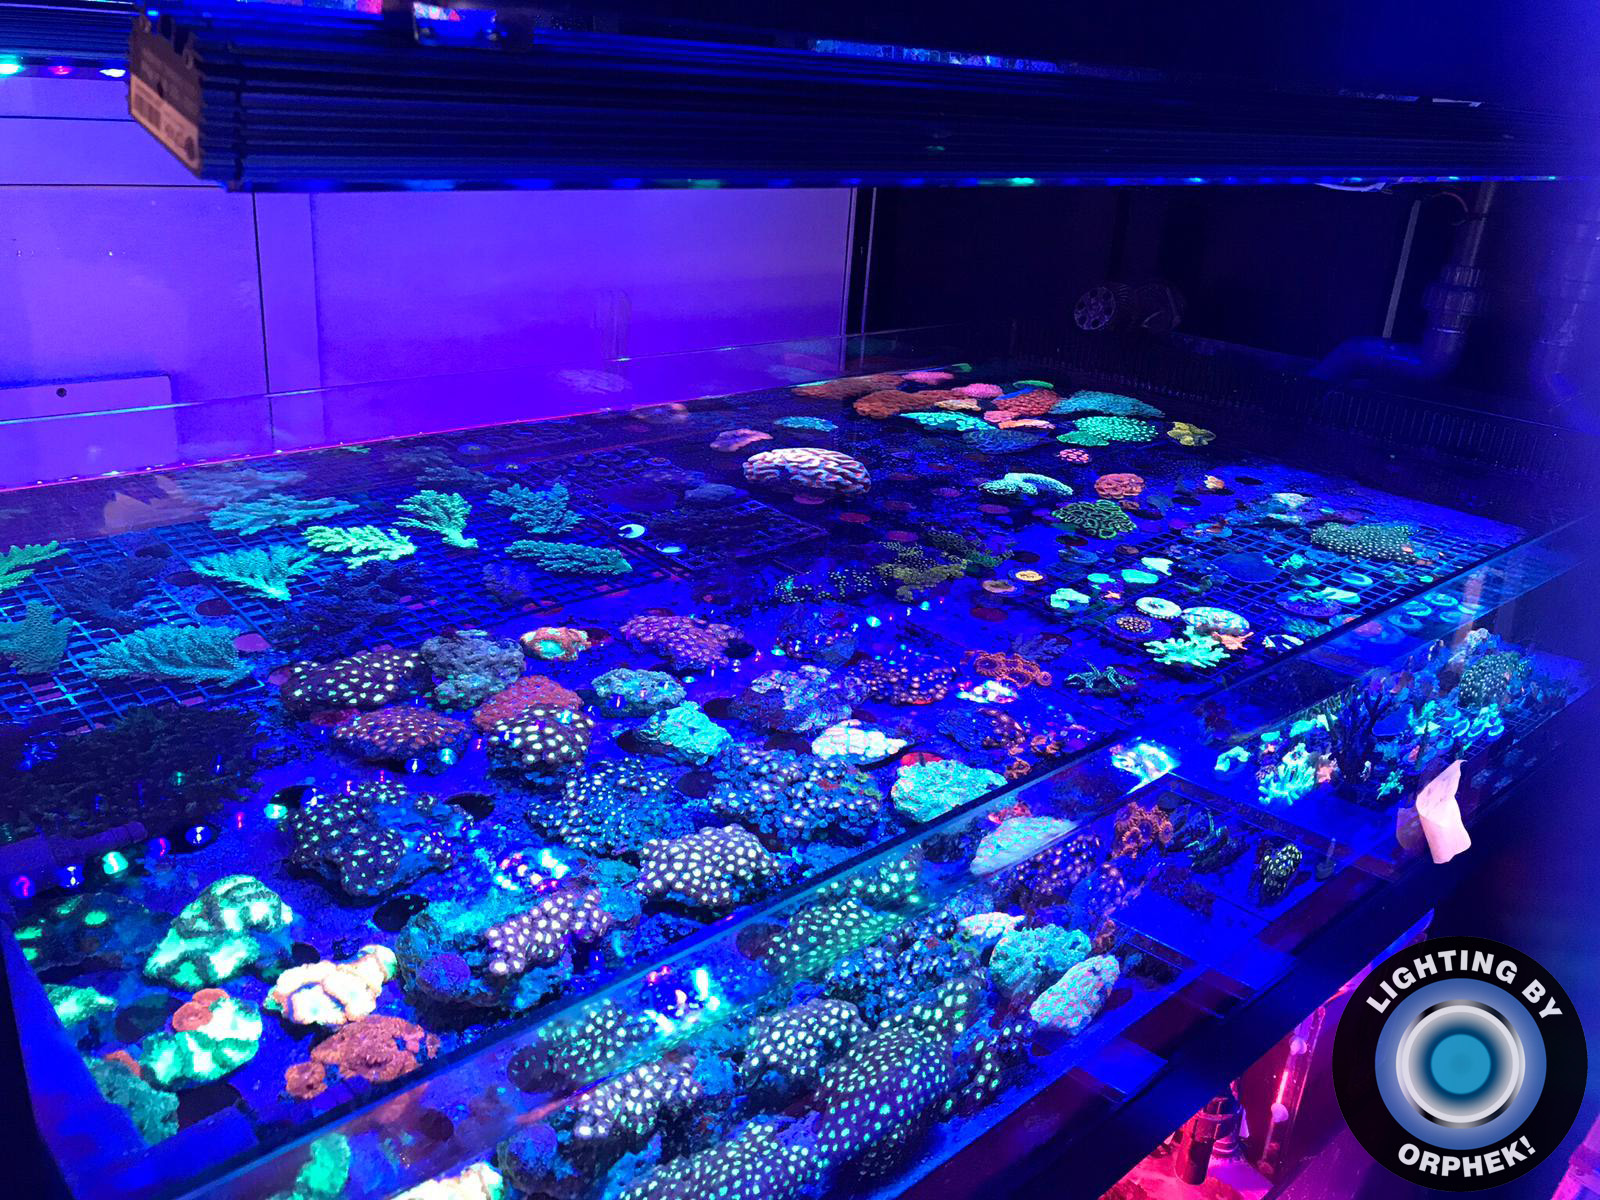 лучшие коралловые рифовые огни аквариума 2020